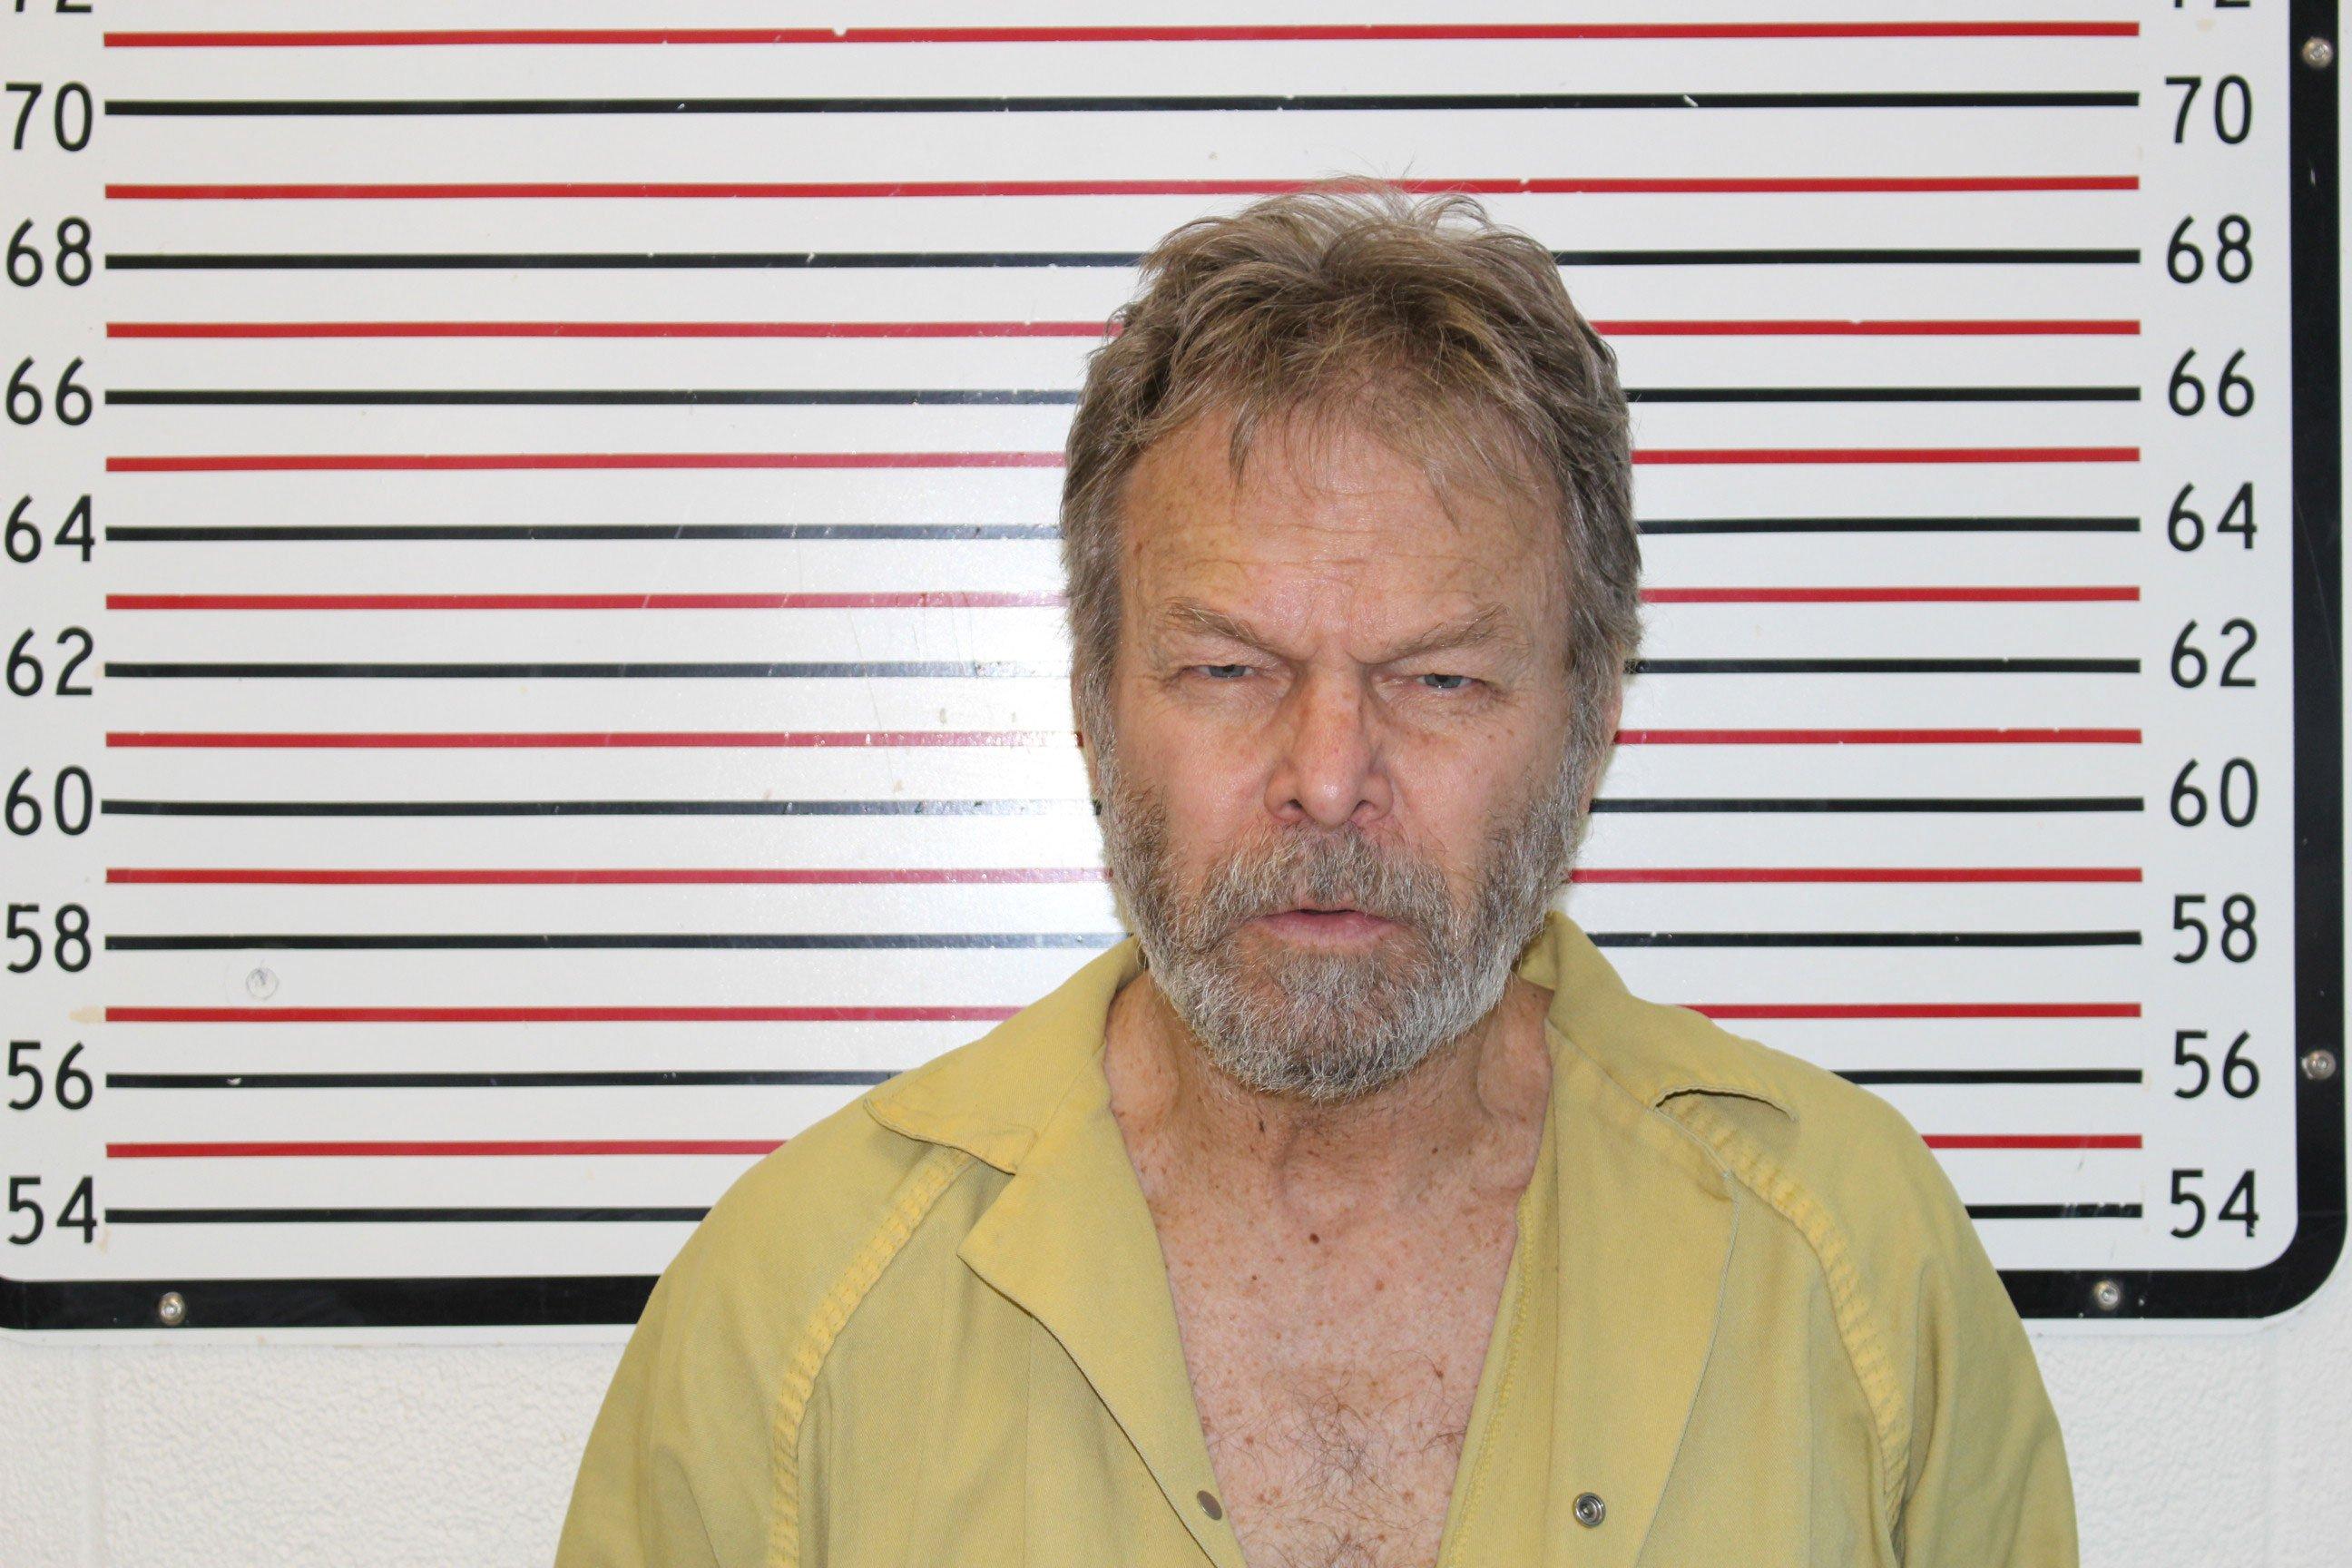 Craig Haberman, jail booking photo